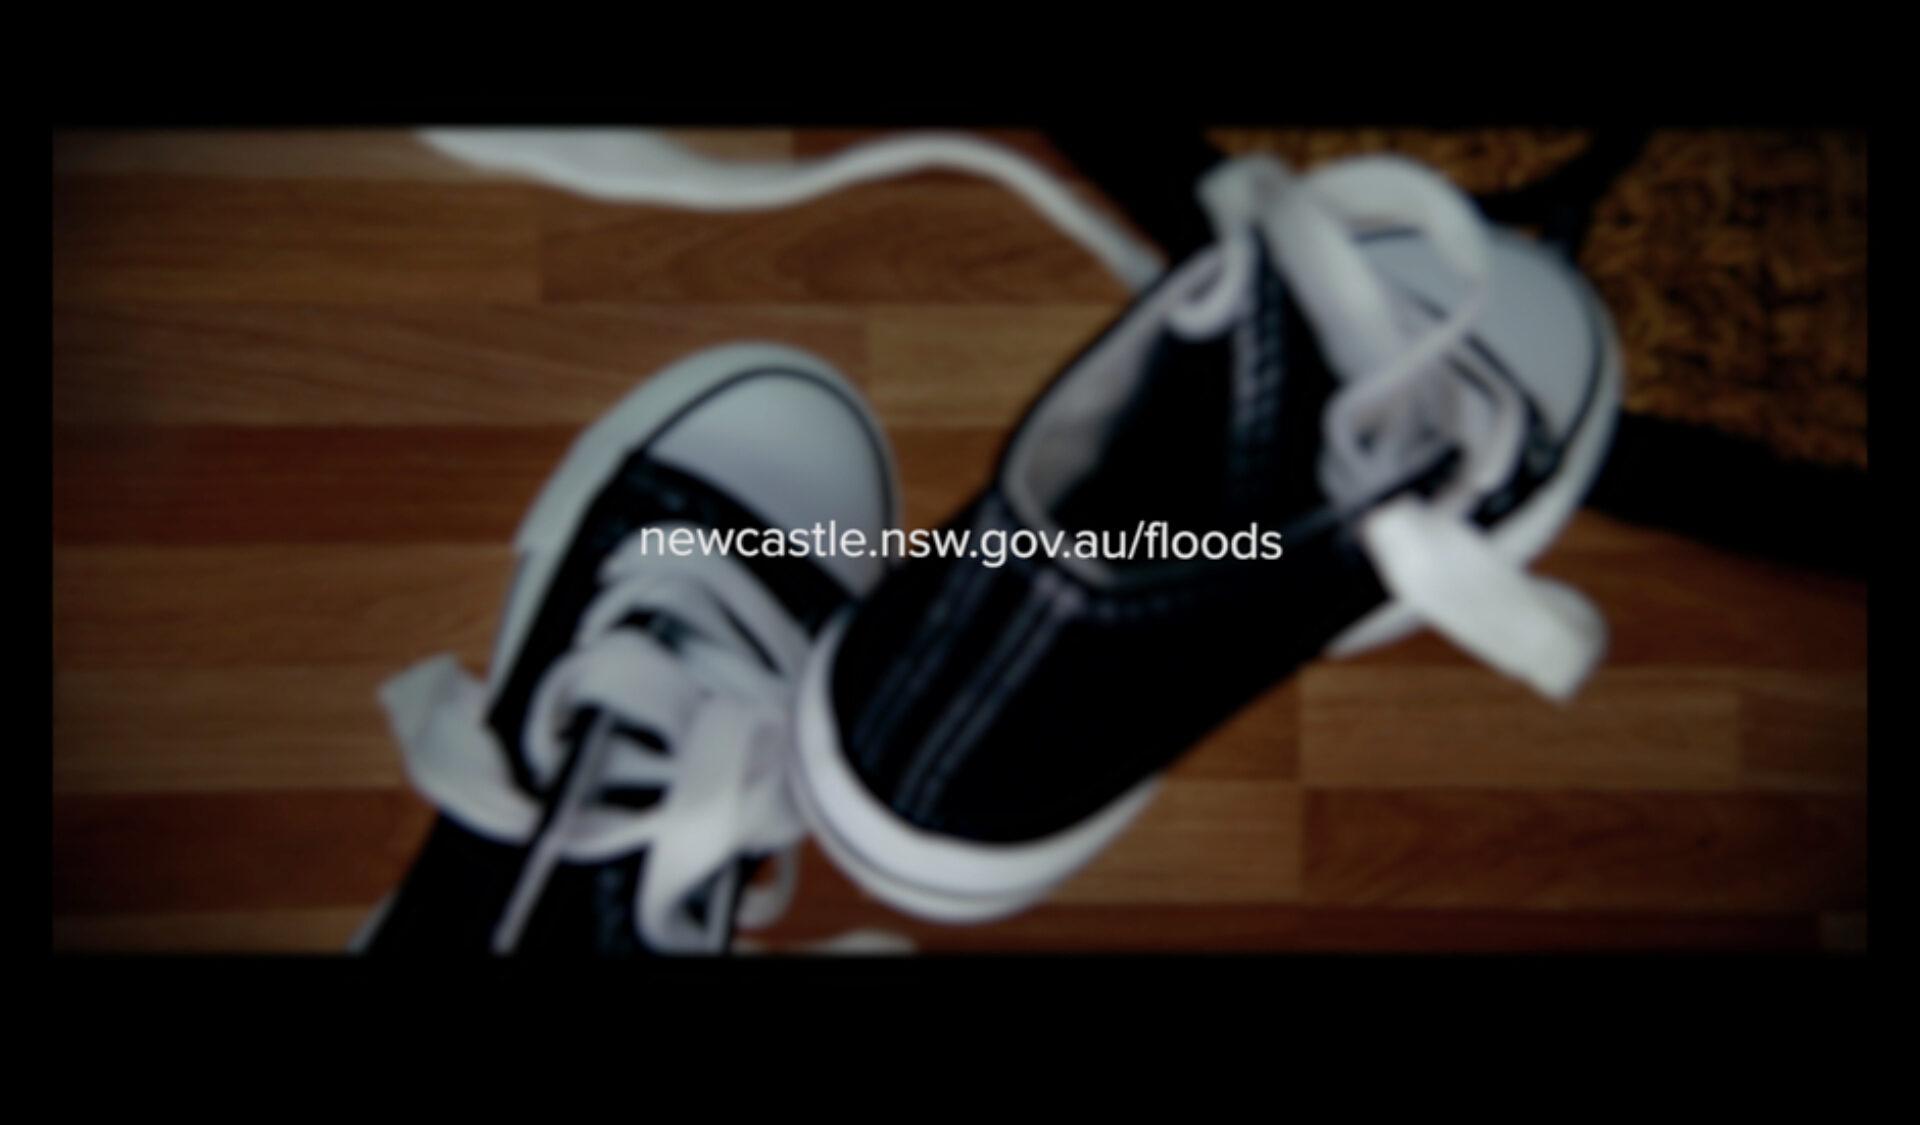 Newcastle flood image 08